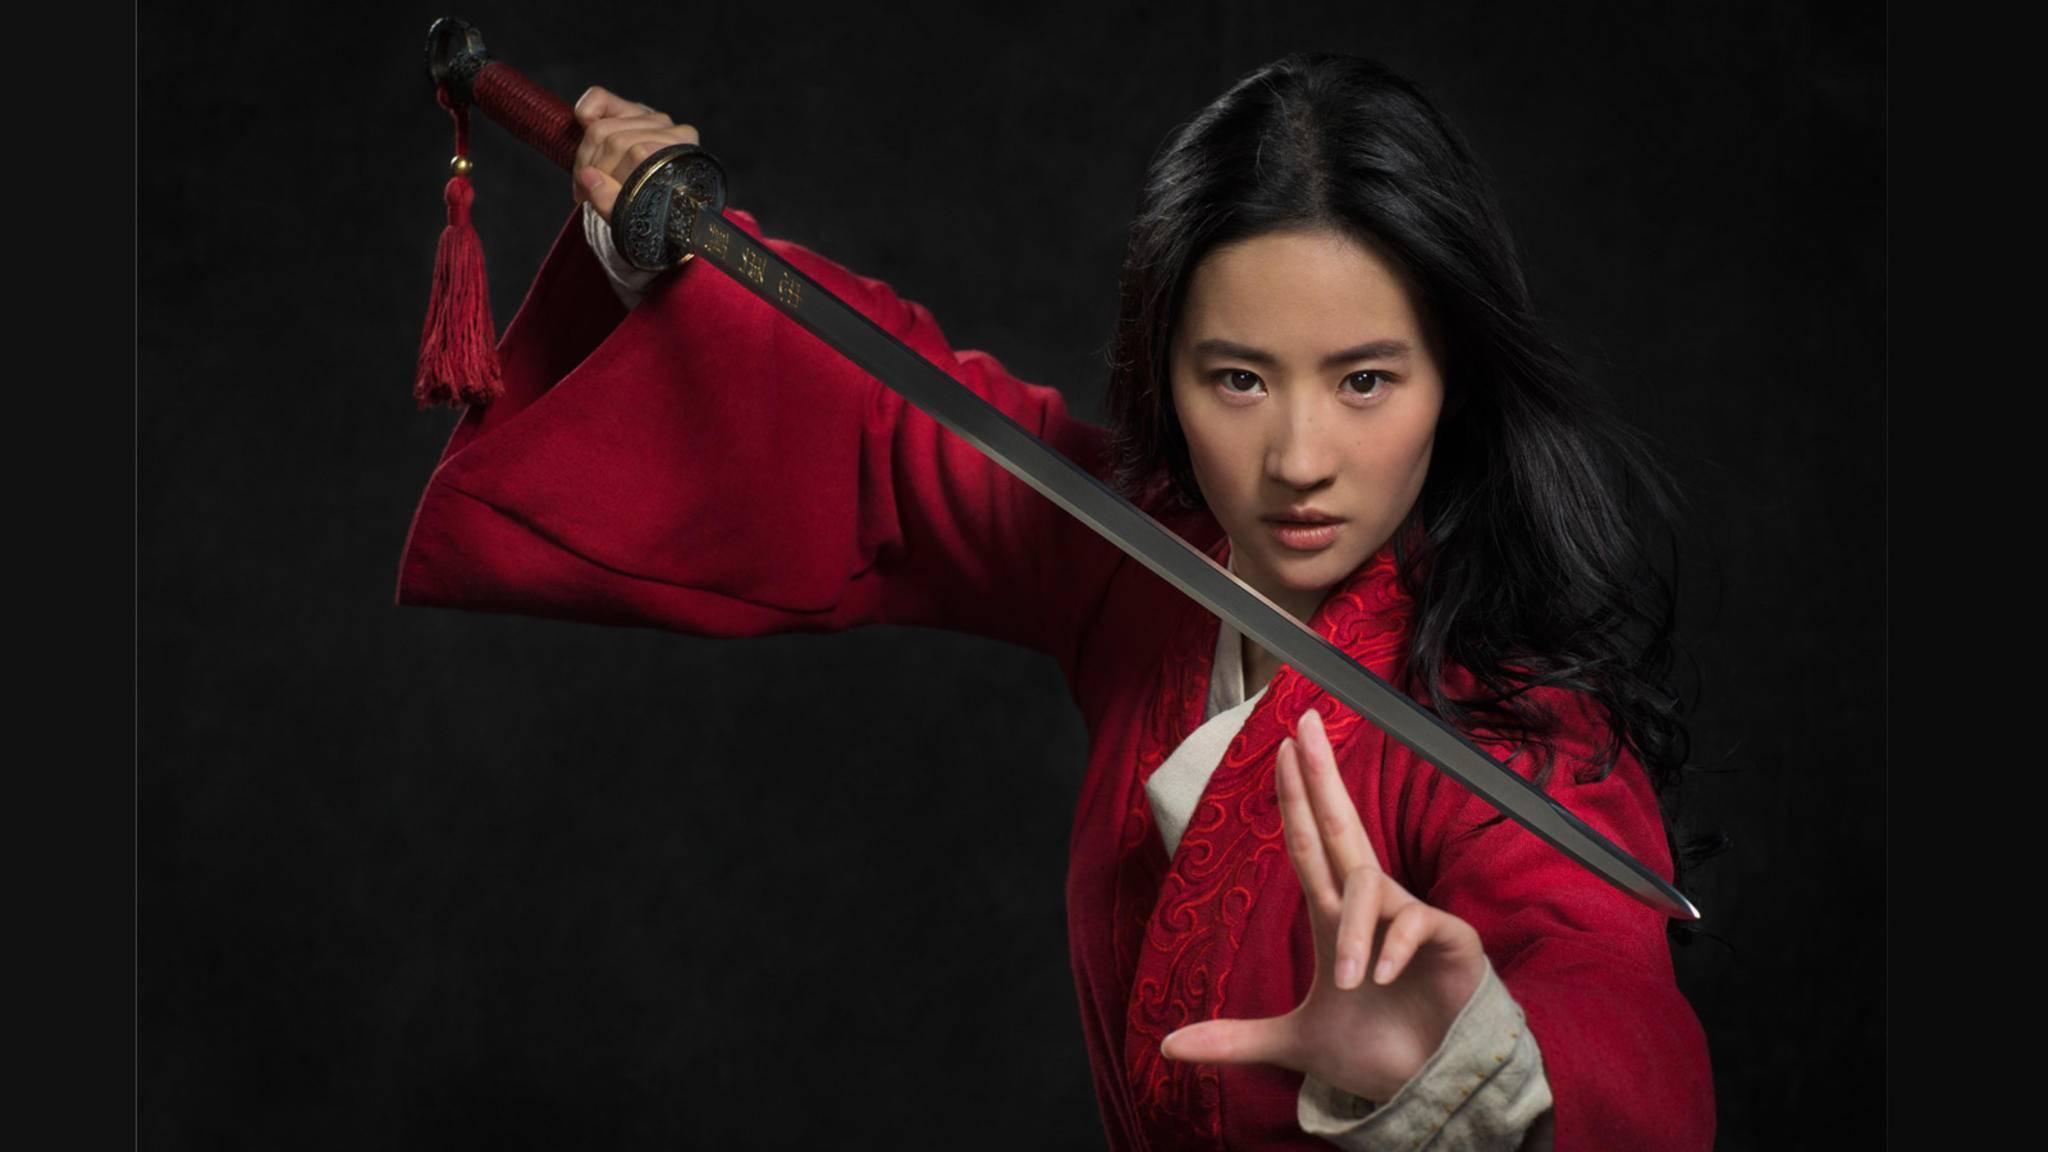 Mulan-Liu Yifei-Disney